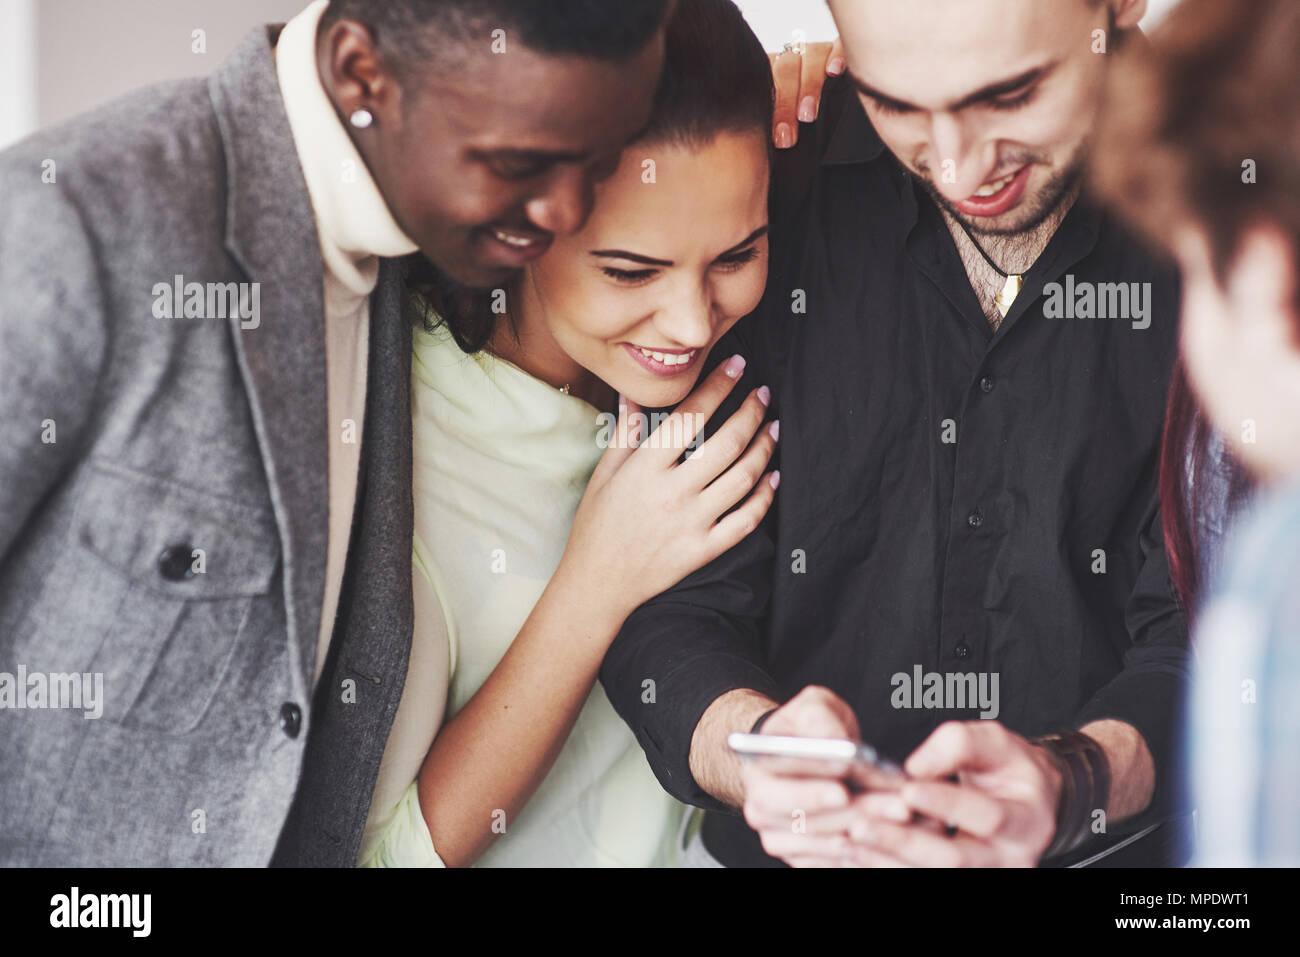 Ritratto di Allegro giovani amici guardando smart phone mentre è seduto al cafe'. Razza mista di persone nel ristorante utilizzando il telefono cellulare Immagini Stock